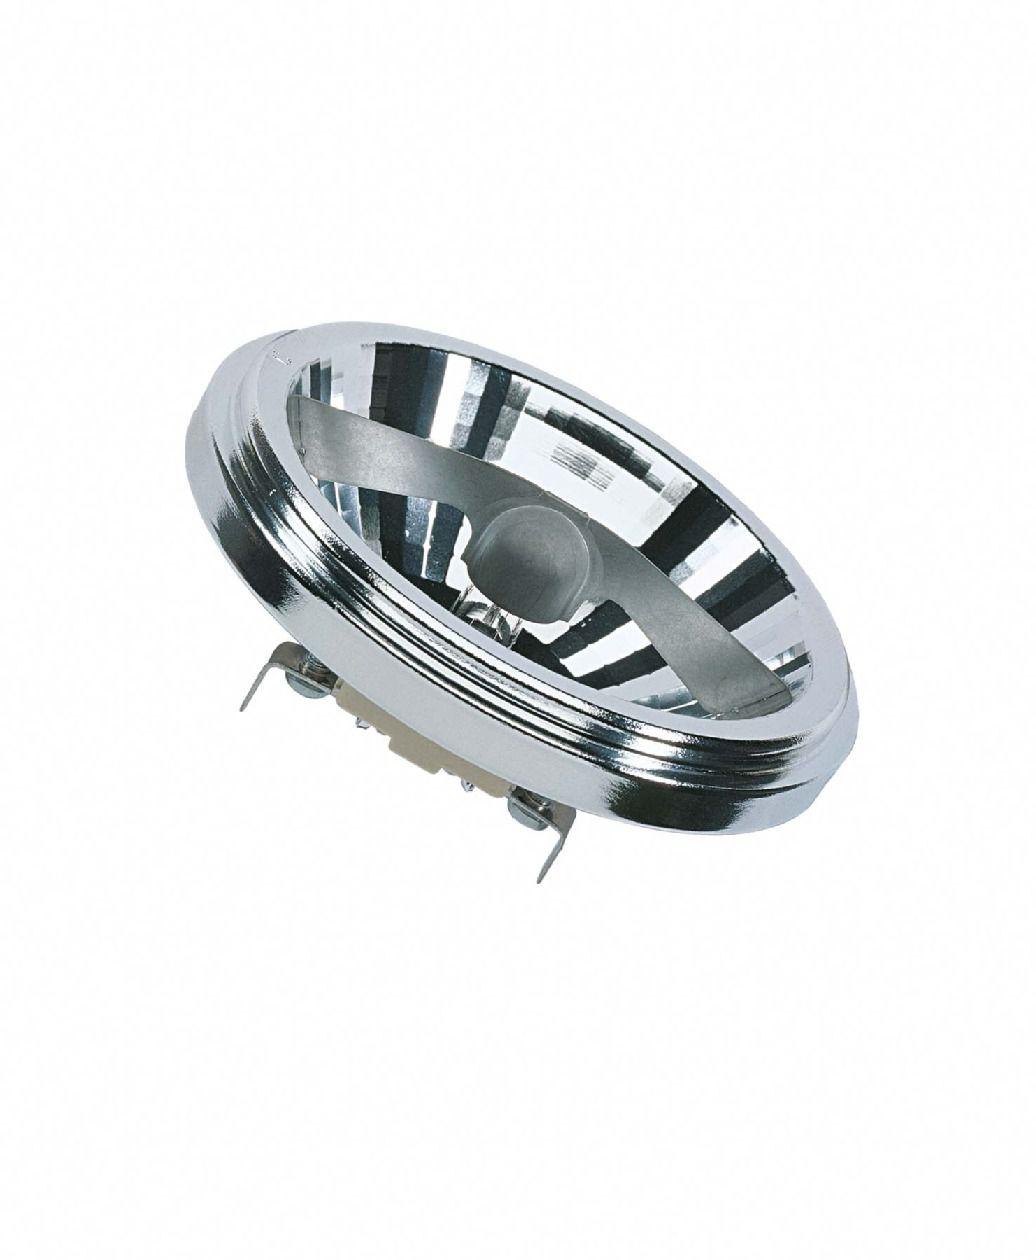 Lâmpada  AR111 HALOGENA 50W G53 12V 24º Pronta Entrega